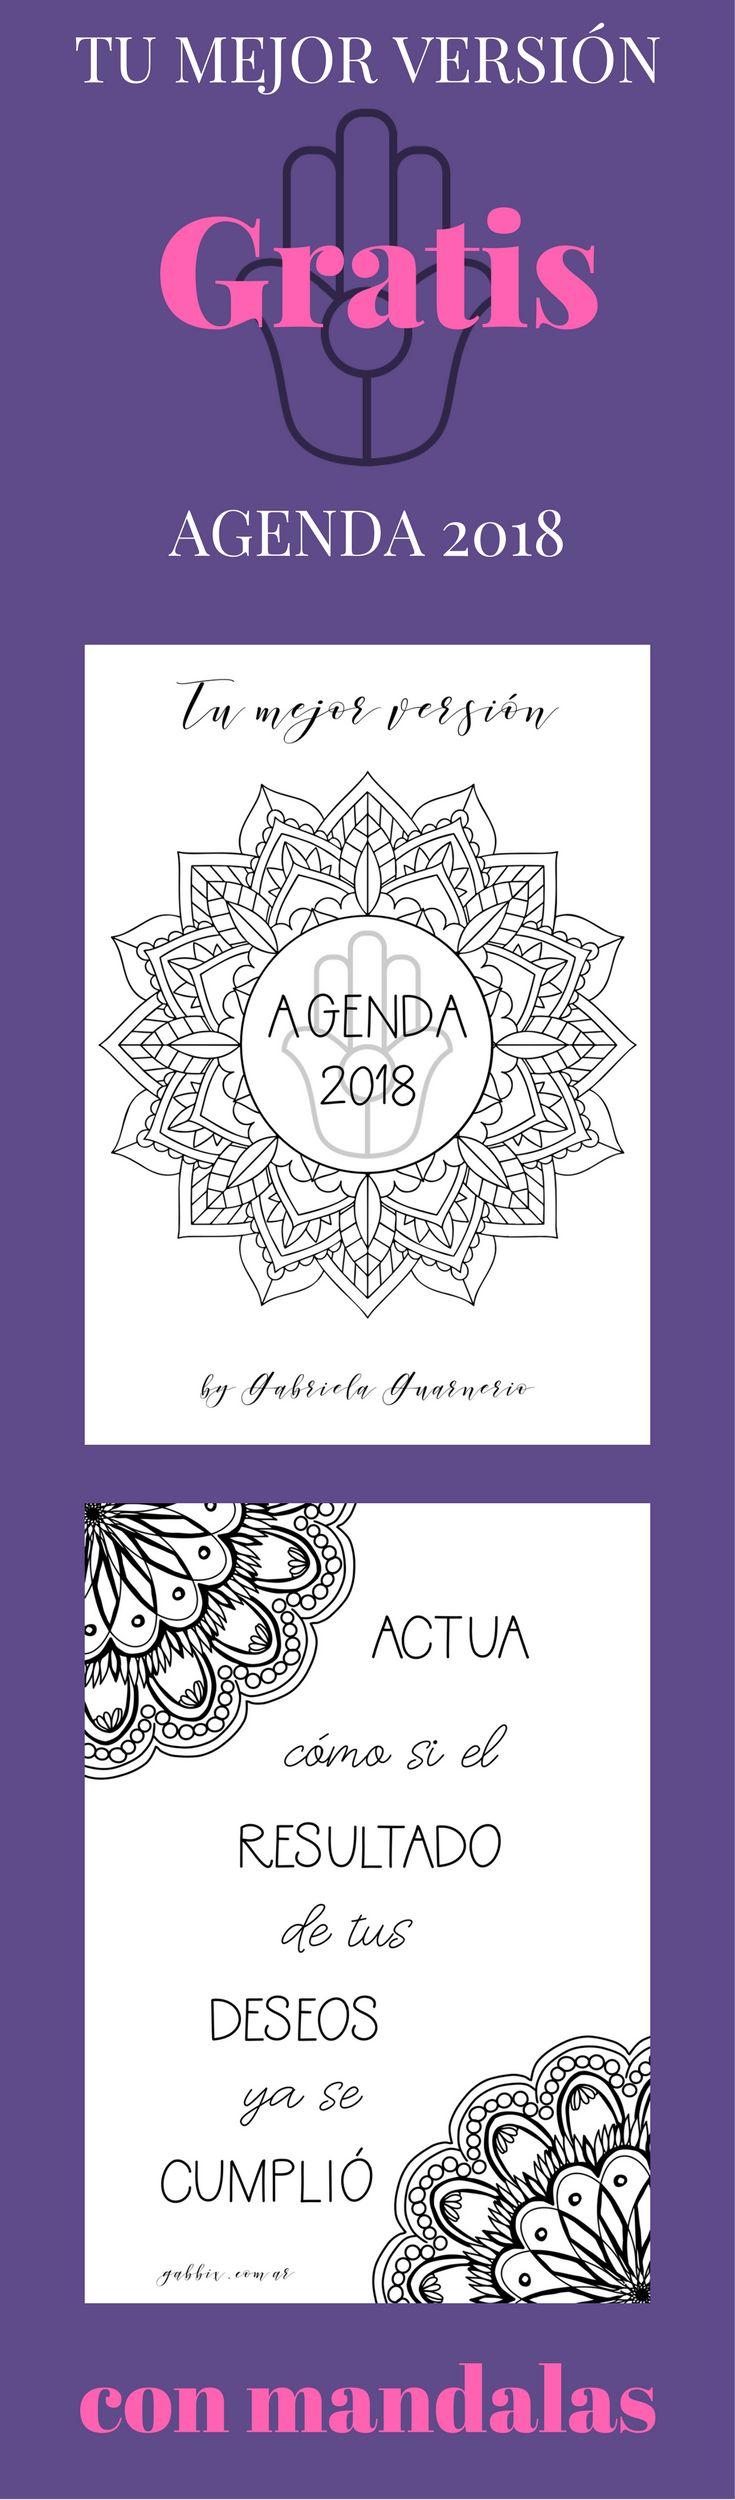 Descarga GRATIS mi agenda 2018 con mandalas para colorear cuando te suscribis a mi lista. recibi actualizaciones gratuitas todos los meses y consejos e ideas de como vivir tu mejor versión.